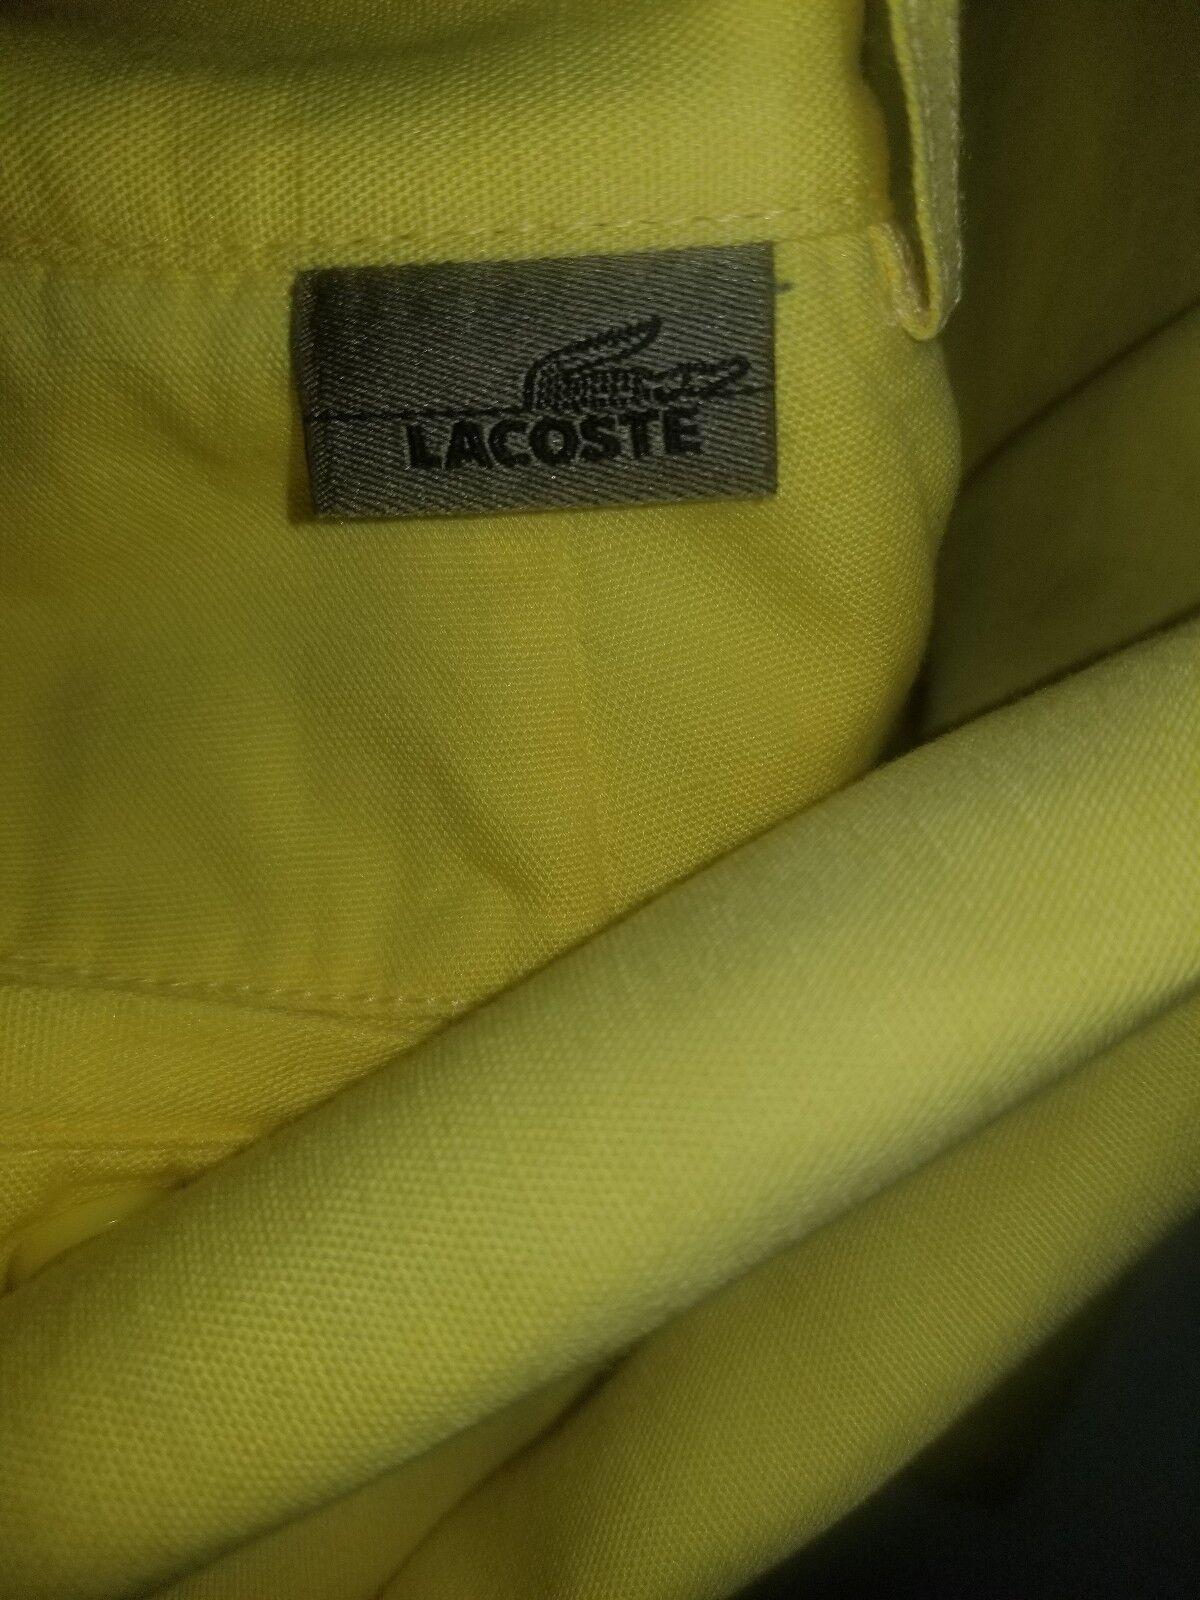 Authentic lacoste mens cotton-linen  pants size W32 L33